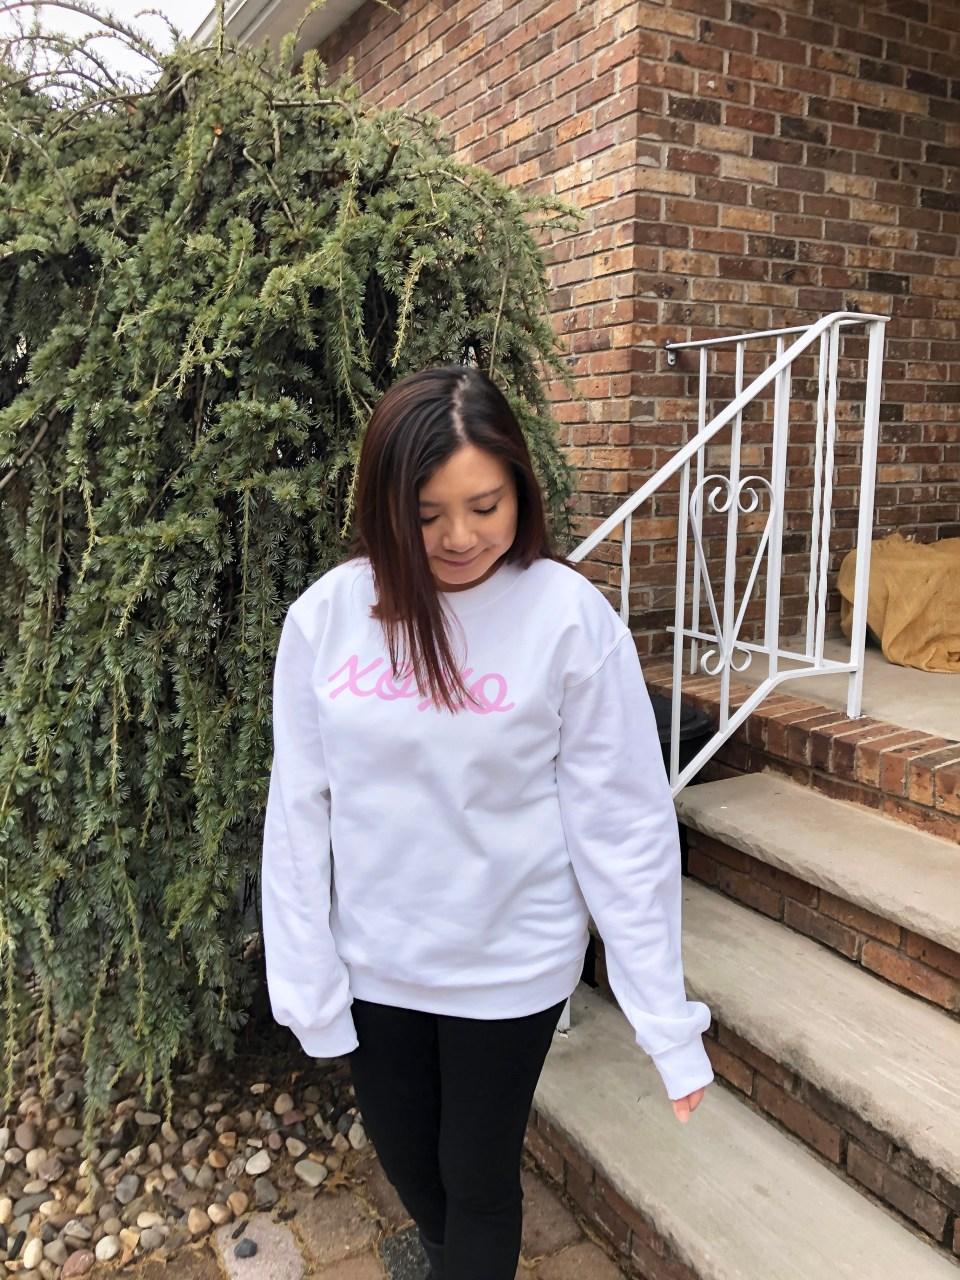 xoxo sweatshirt 11